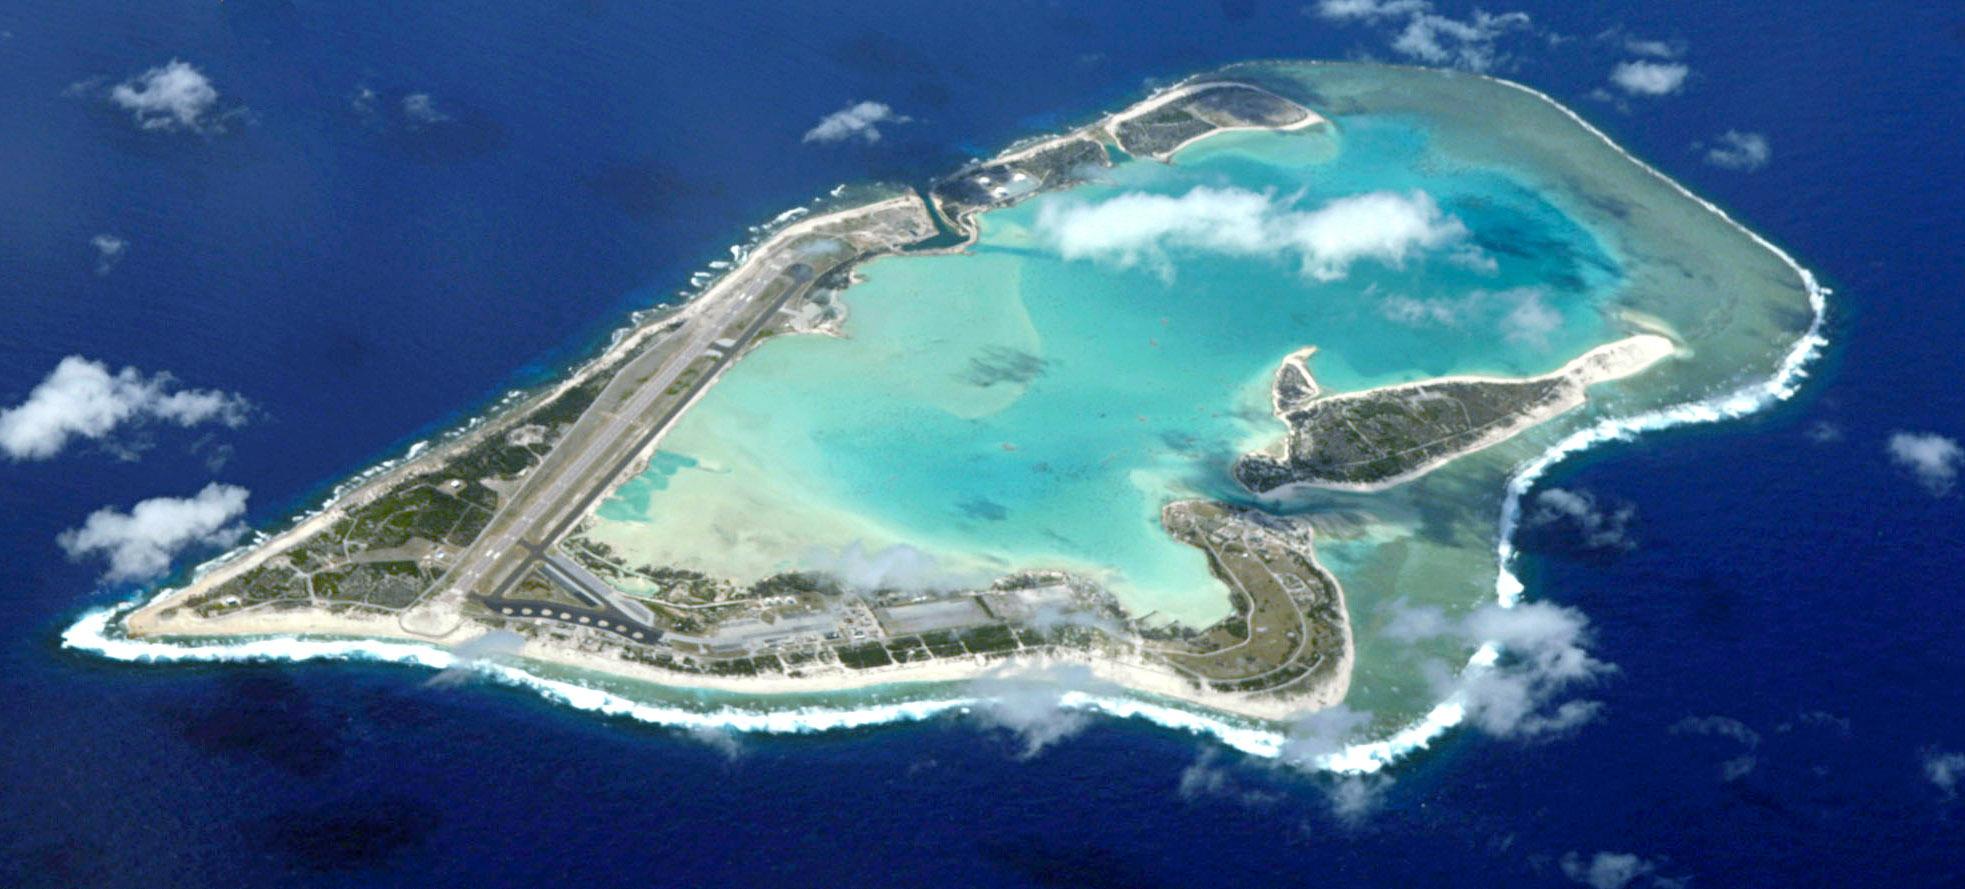 File:Wake Island air.JPG - Wikipedia